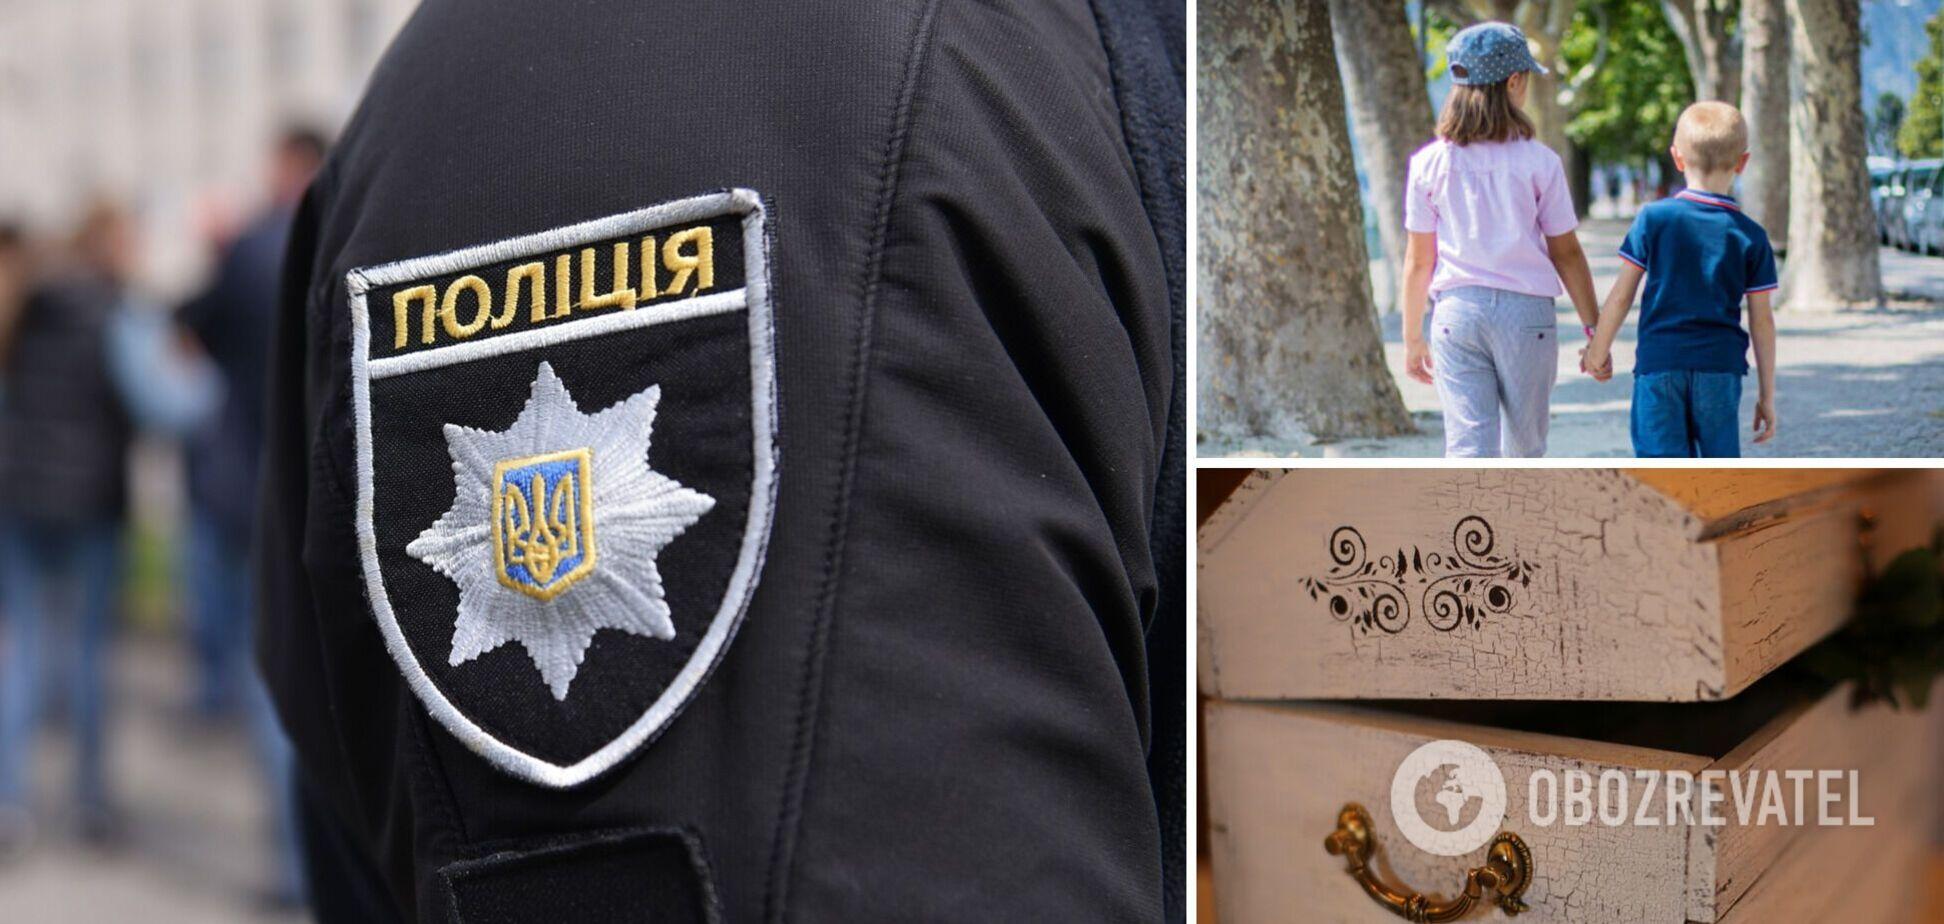 В Донецкой области при странных обстоятельствах погибли двое детей: их нашли мертвыми в сундуке